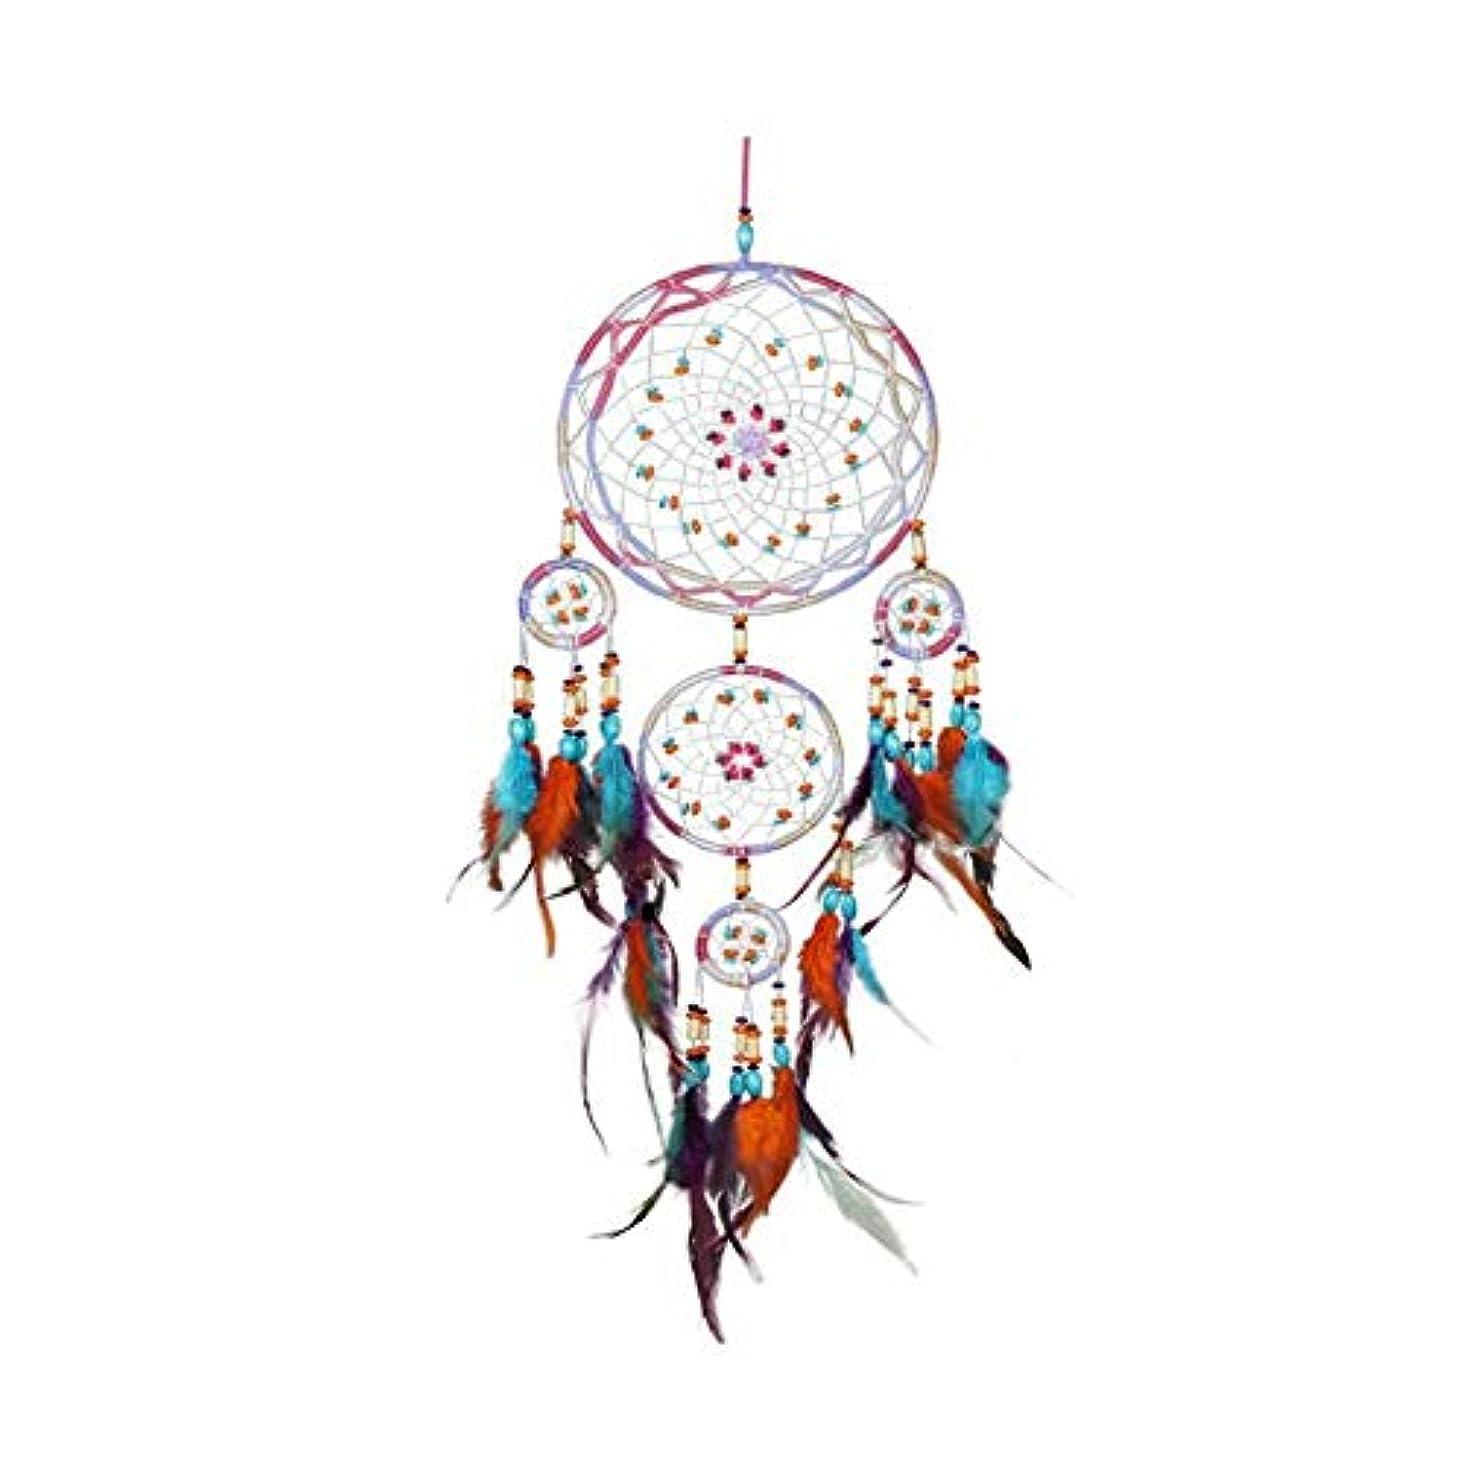 付き添い人壮大なカフェテリア風チャイム、手作りファイブリング風チャイム、パープル、全長約50CM (Color : Color, Size : 50cm)